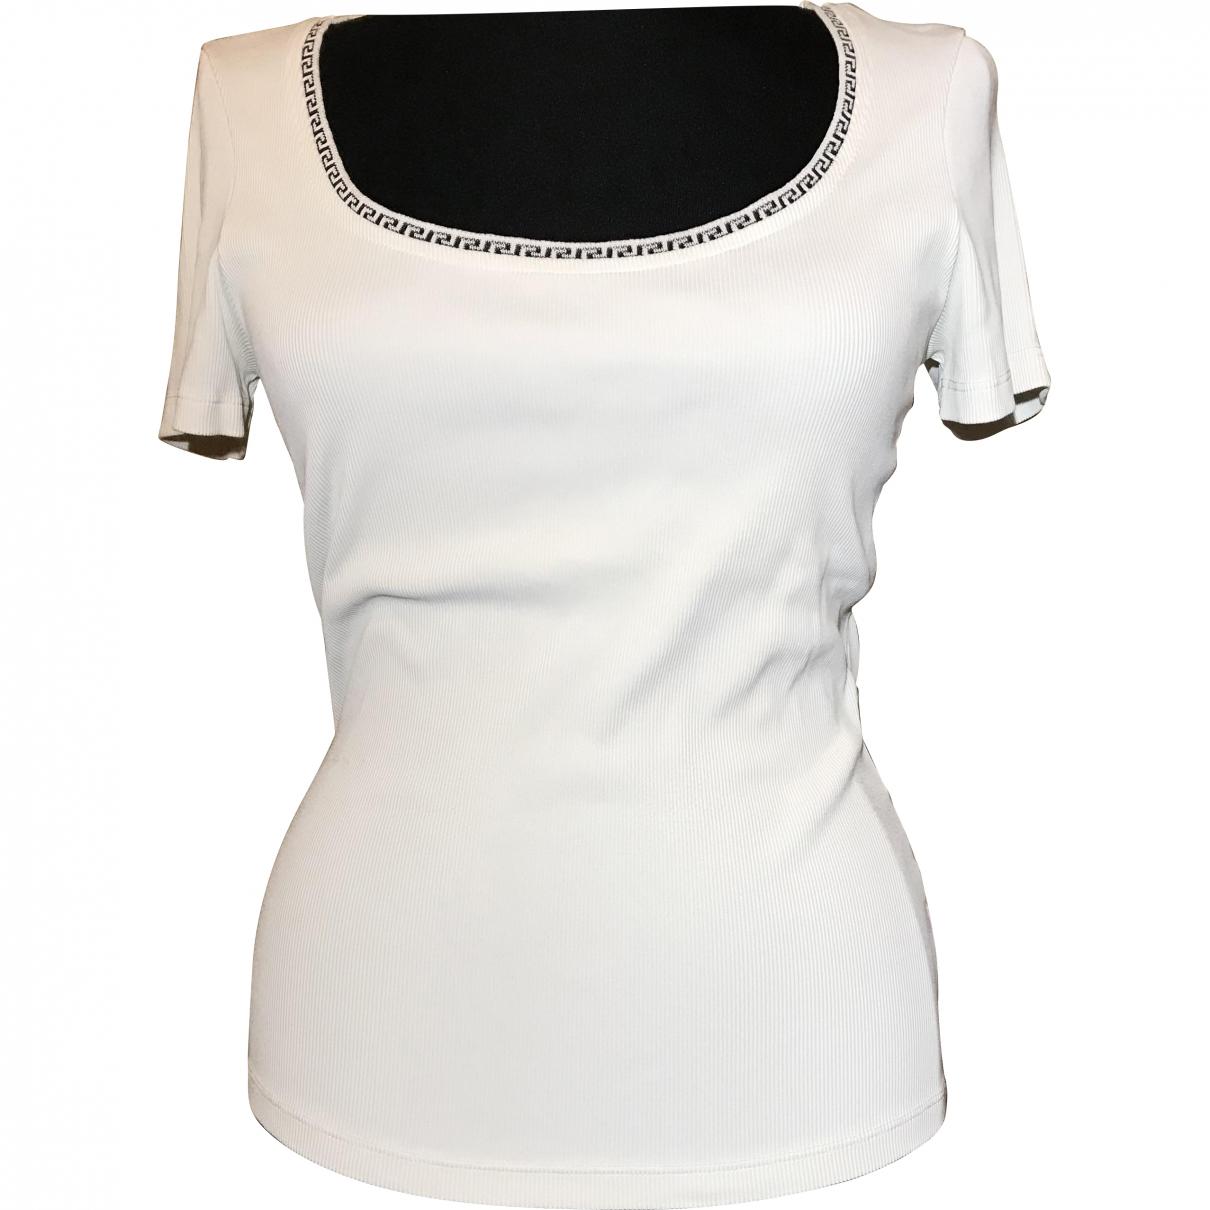 Versace Jean - Top   pour femme - blanc